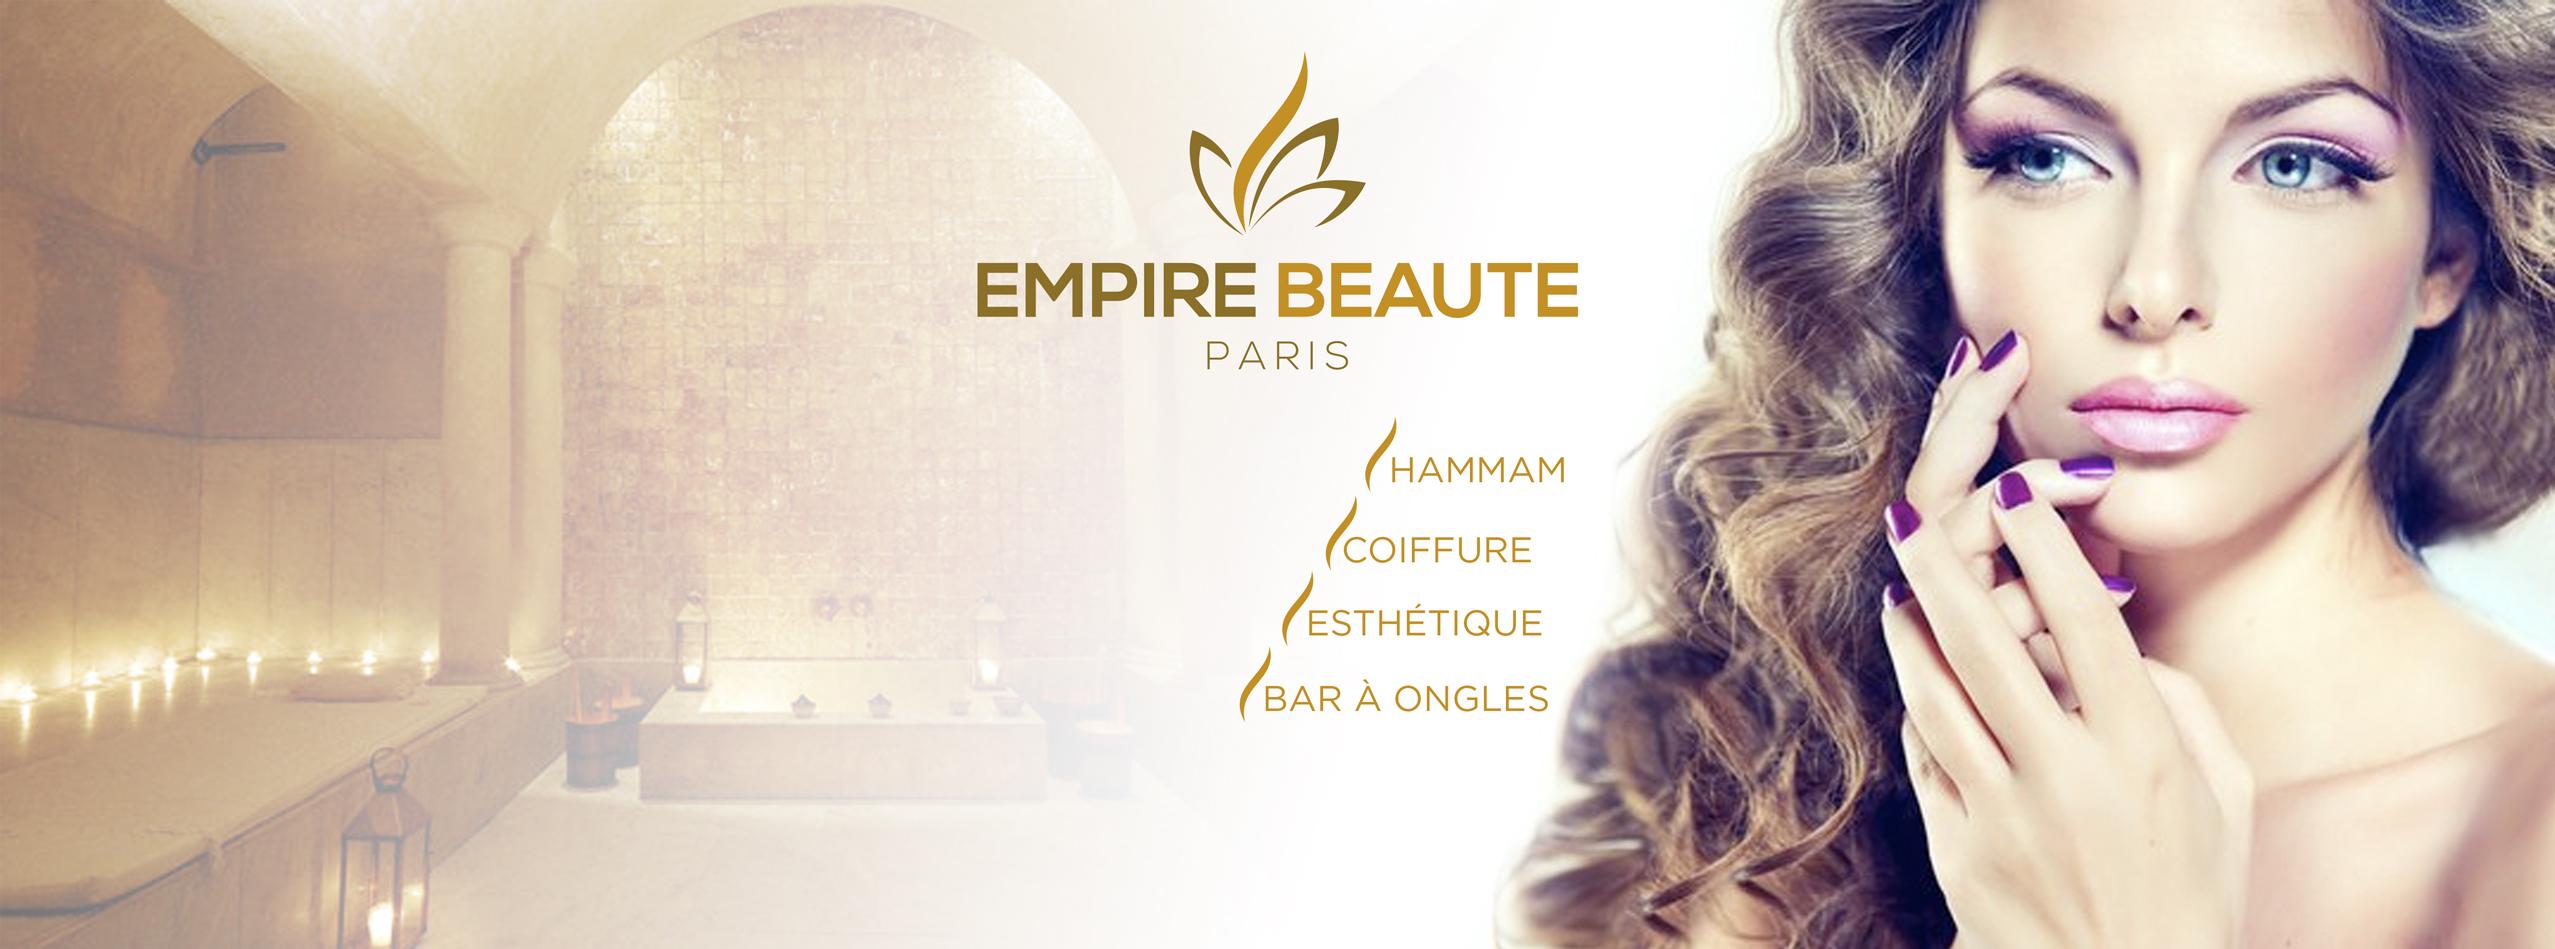 empire-fb-cover